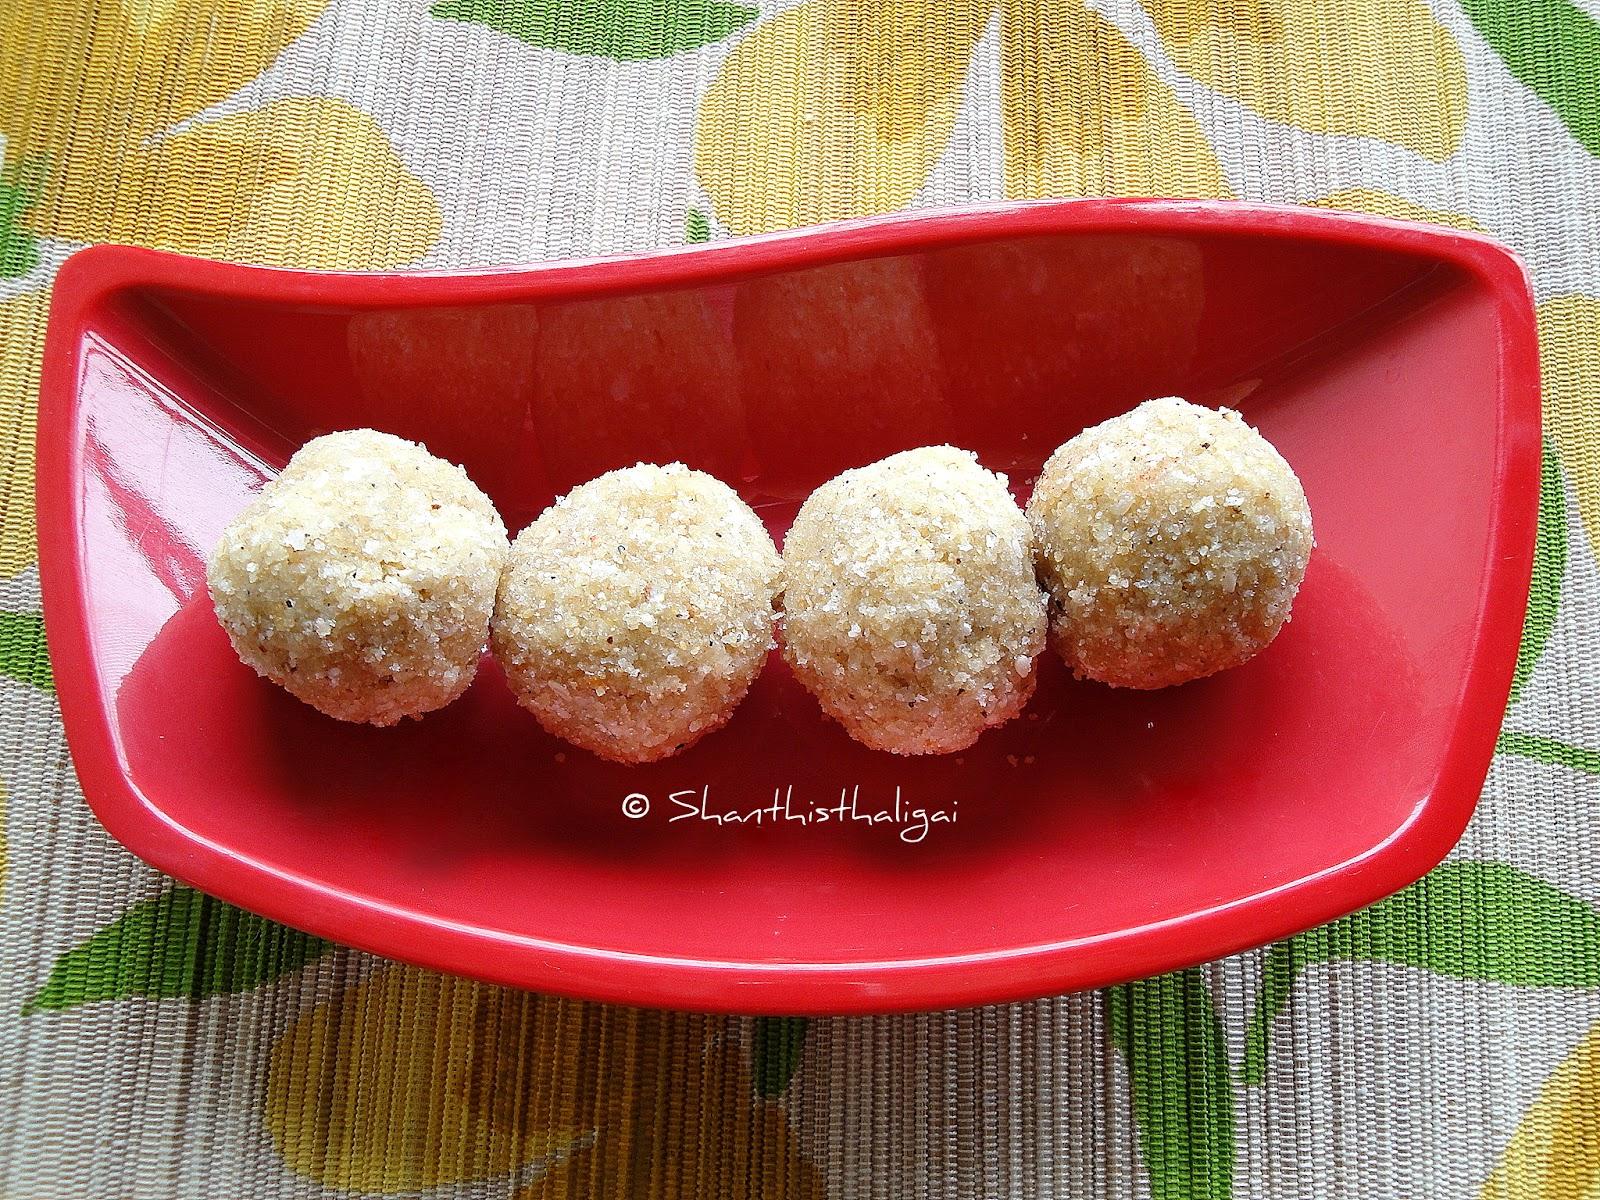 How to make coconut ladoo, coconut ladoo recipe, Coconut ladoo with condensed milk